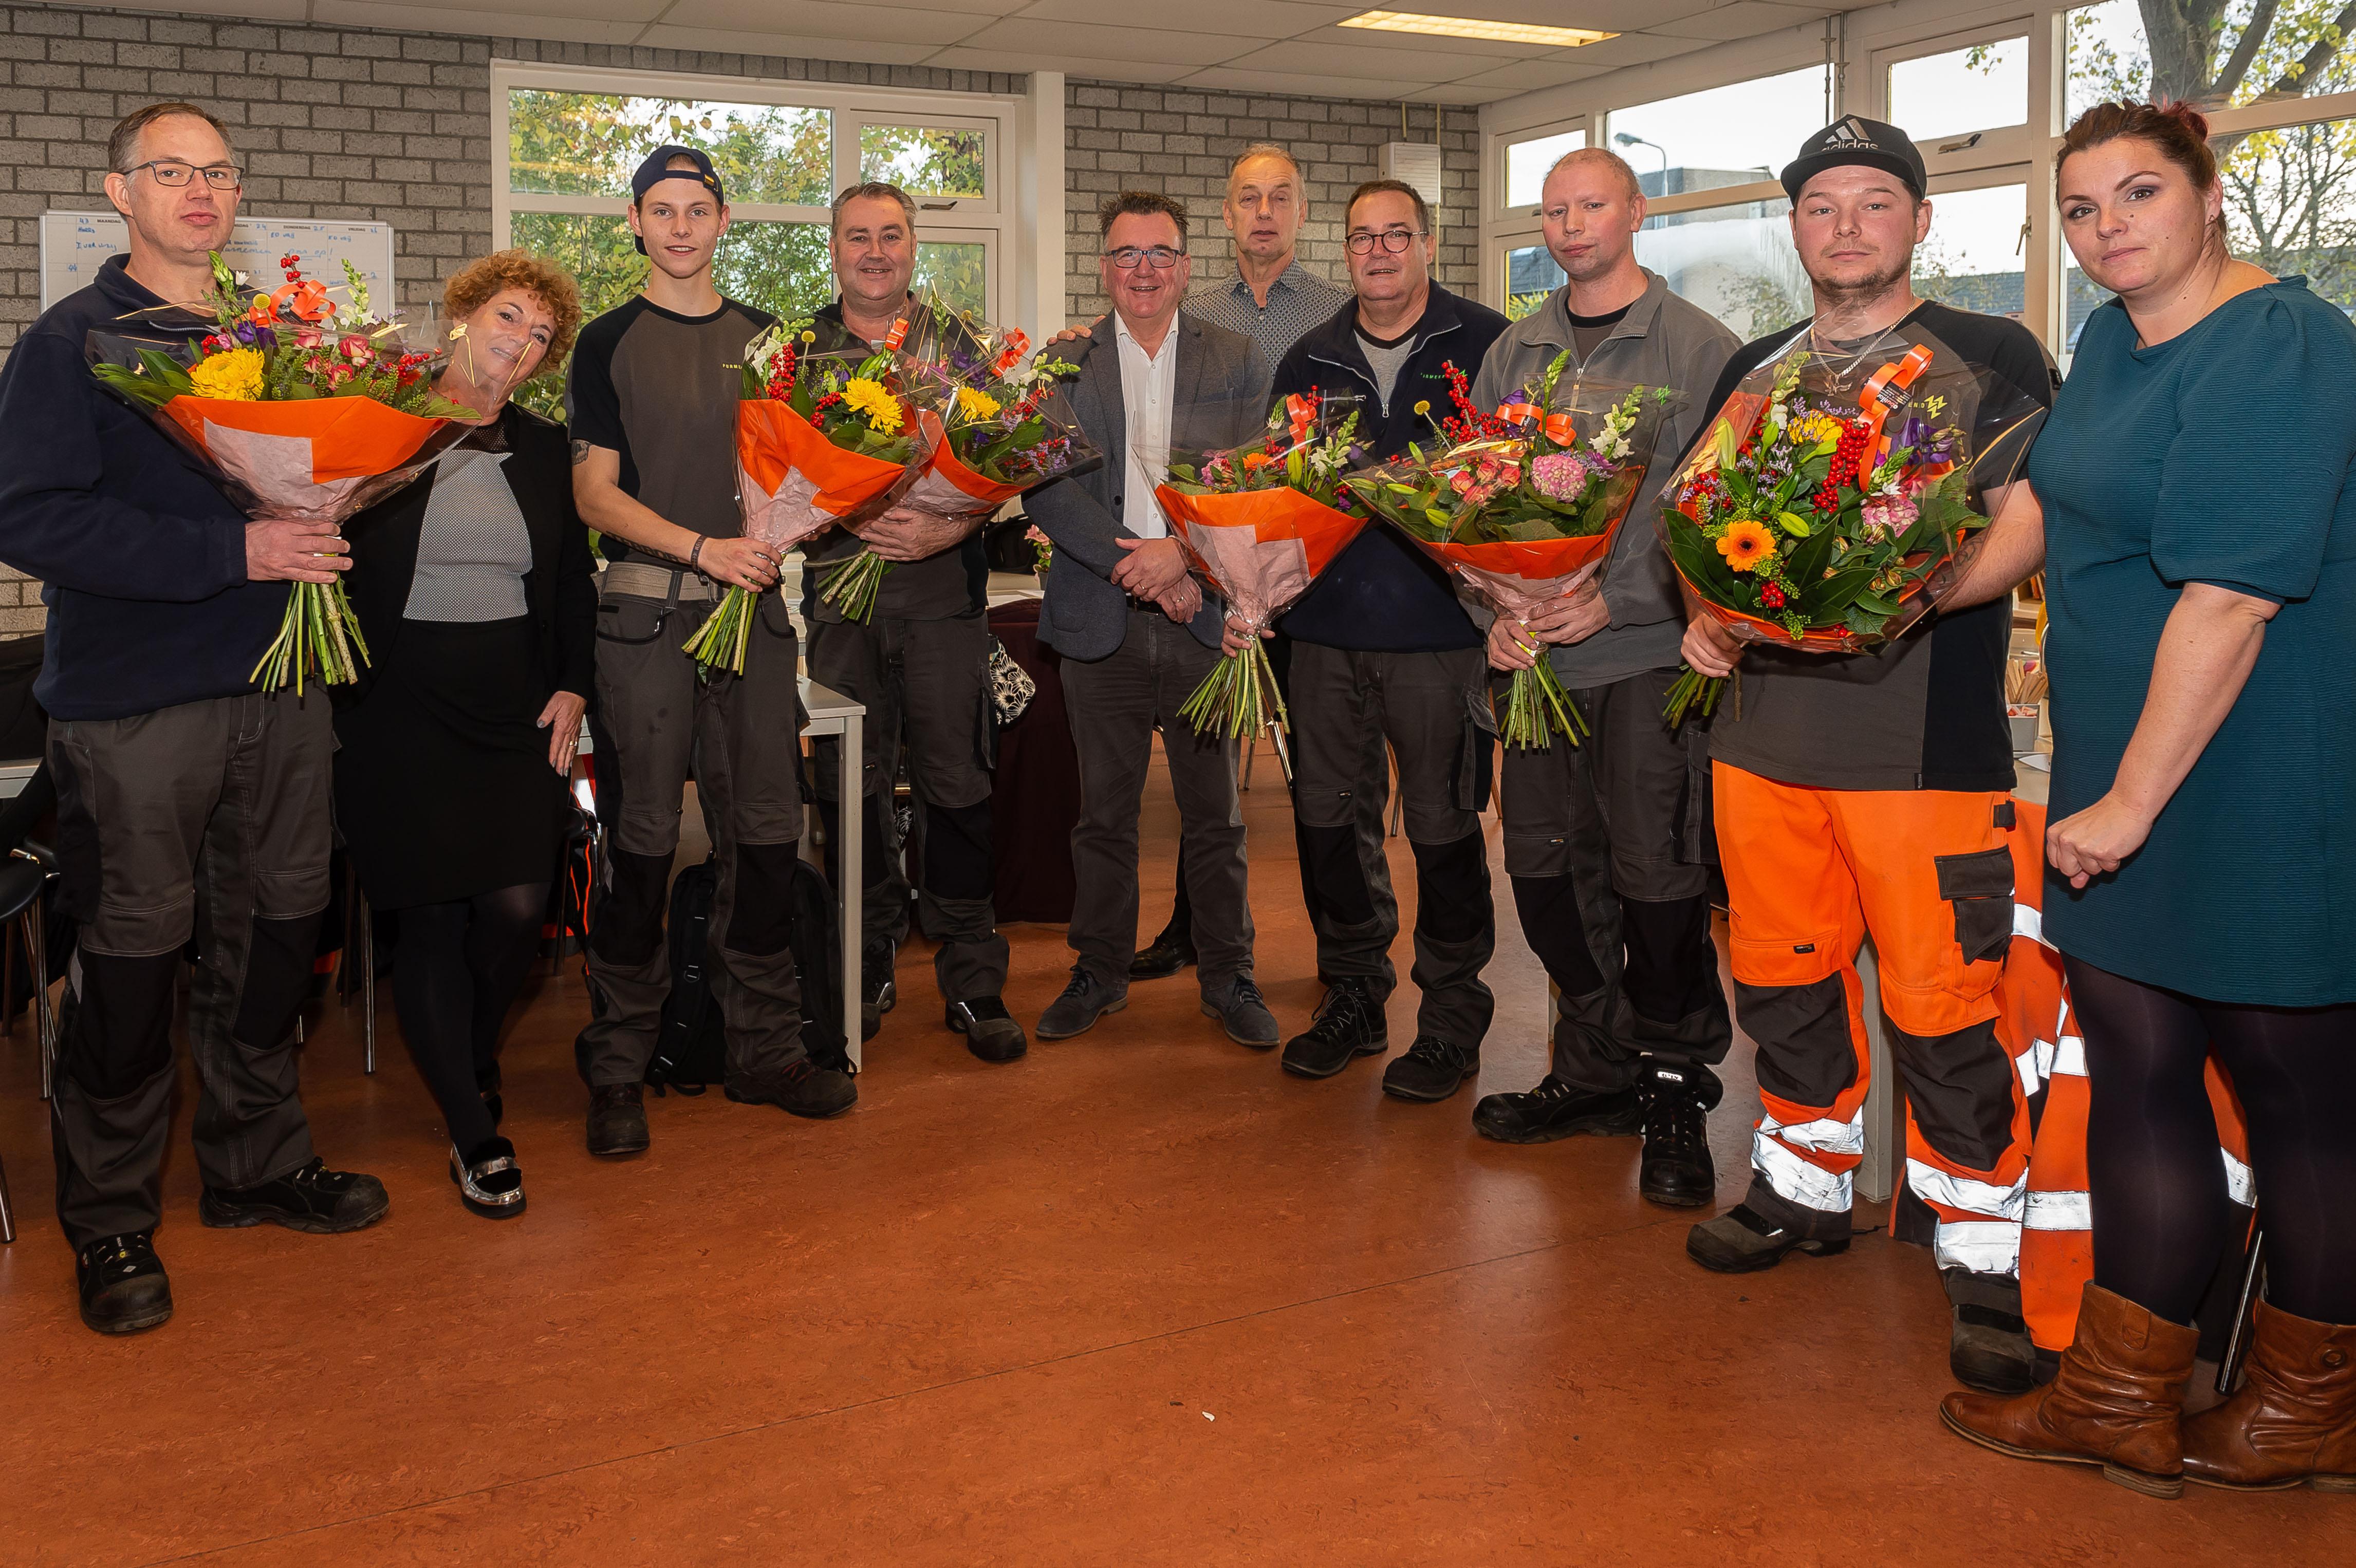 In het schoolgebouw aan Koggeland feliciteerde wethouder Mario Hegger de nieuwe collega's. (Foto: Han Giskes)